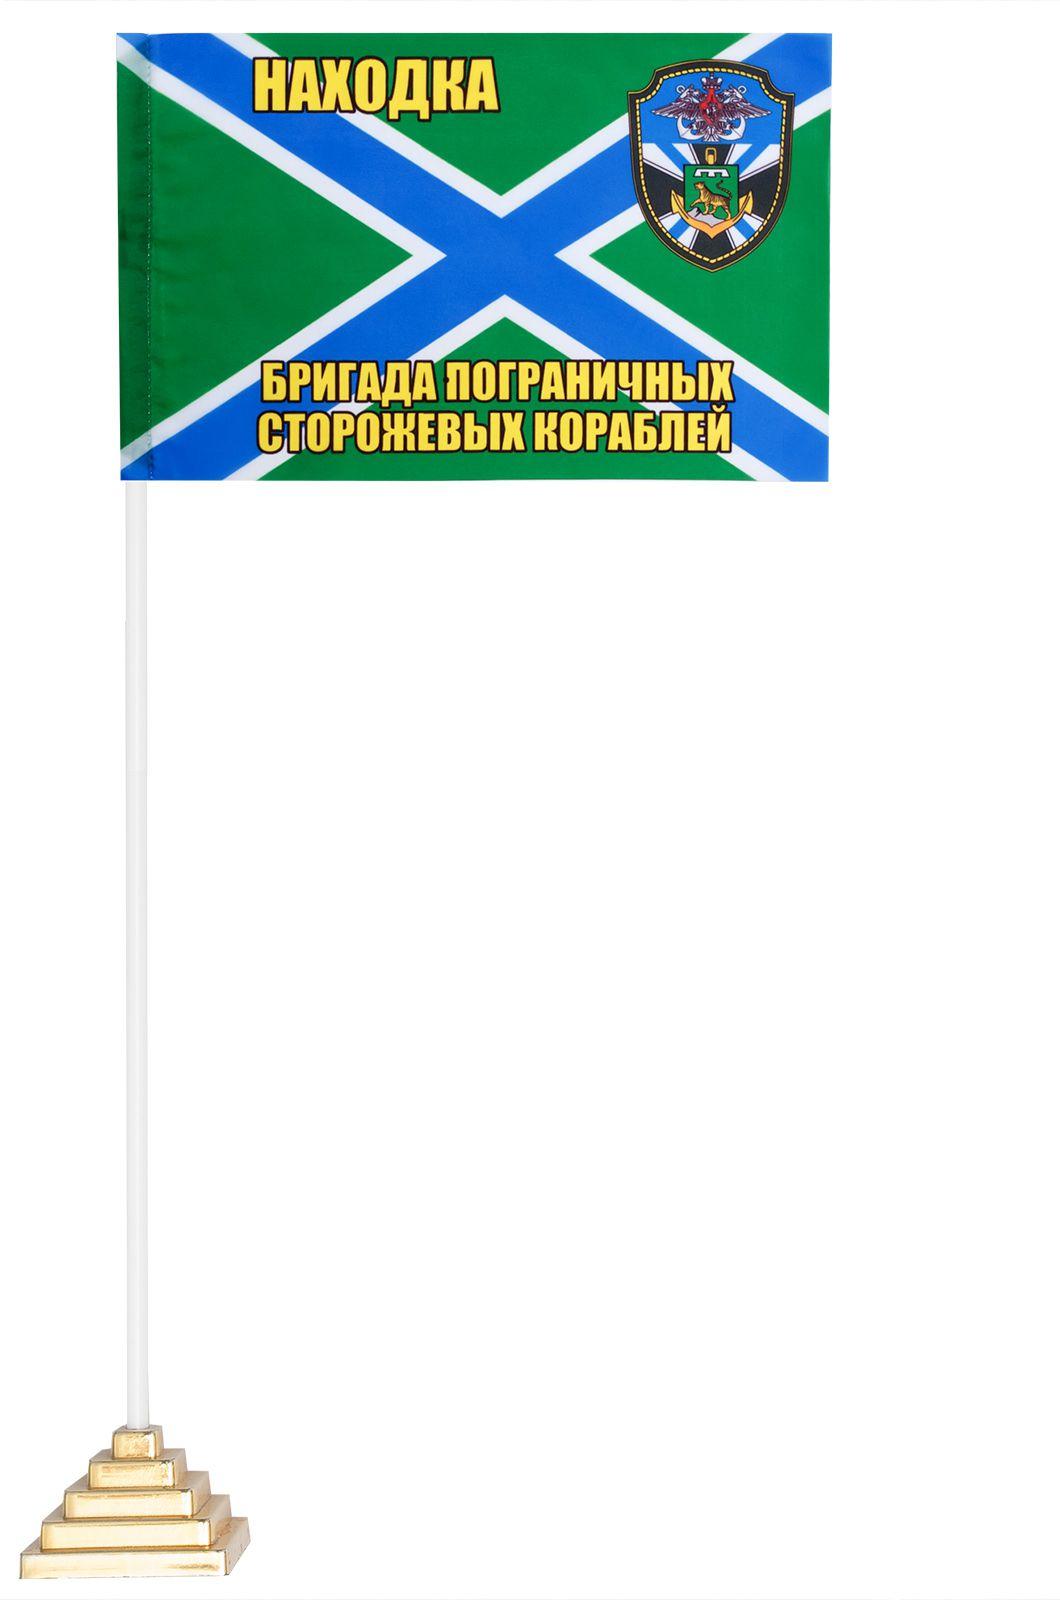 Флажок бригады ПСКР Находка